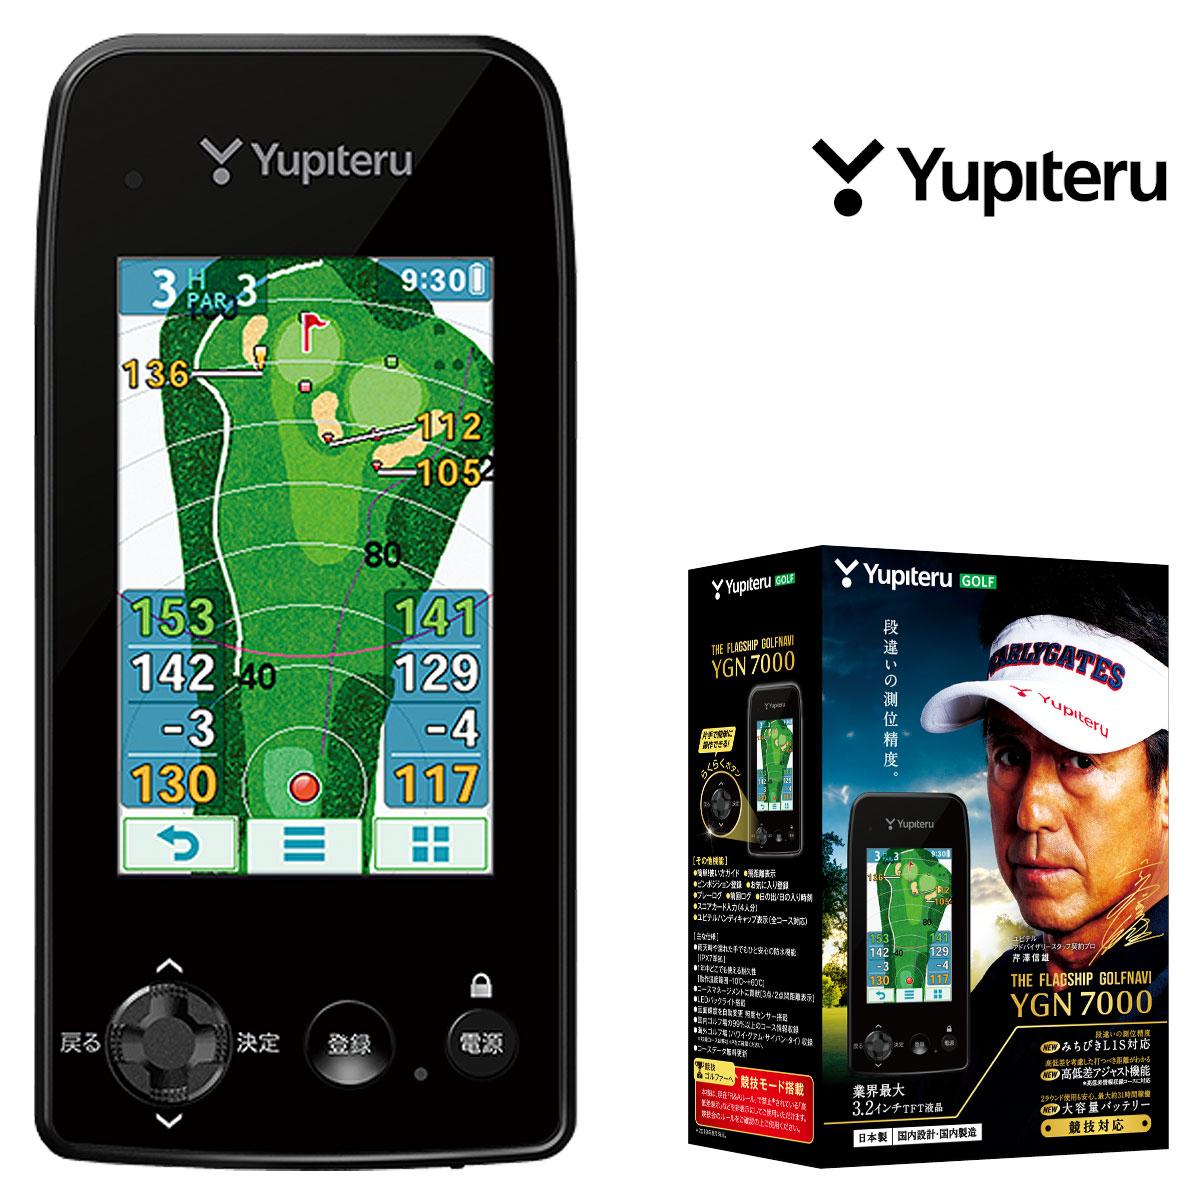 【【最大3300円OFFクーポン】】Yupiteru(ユピテル) ゴルフナビ YGN7000 2019モデル 「GPS距離測定器」 【あす楽対応】